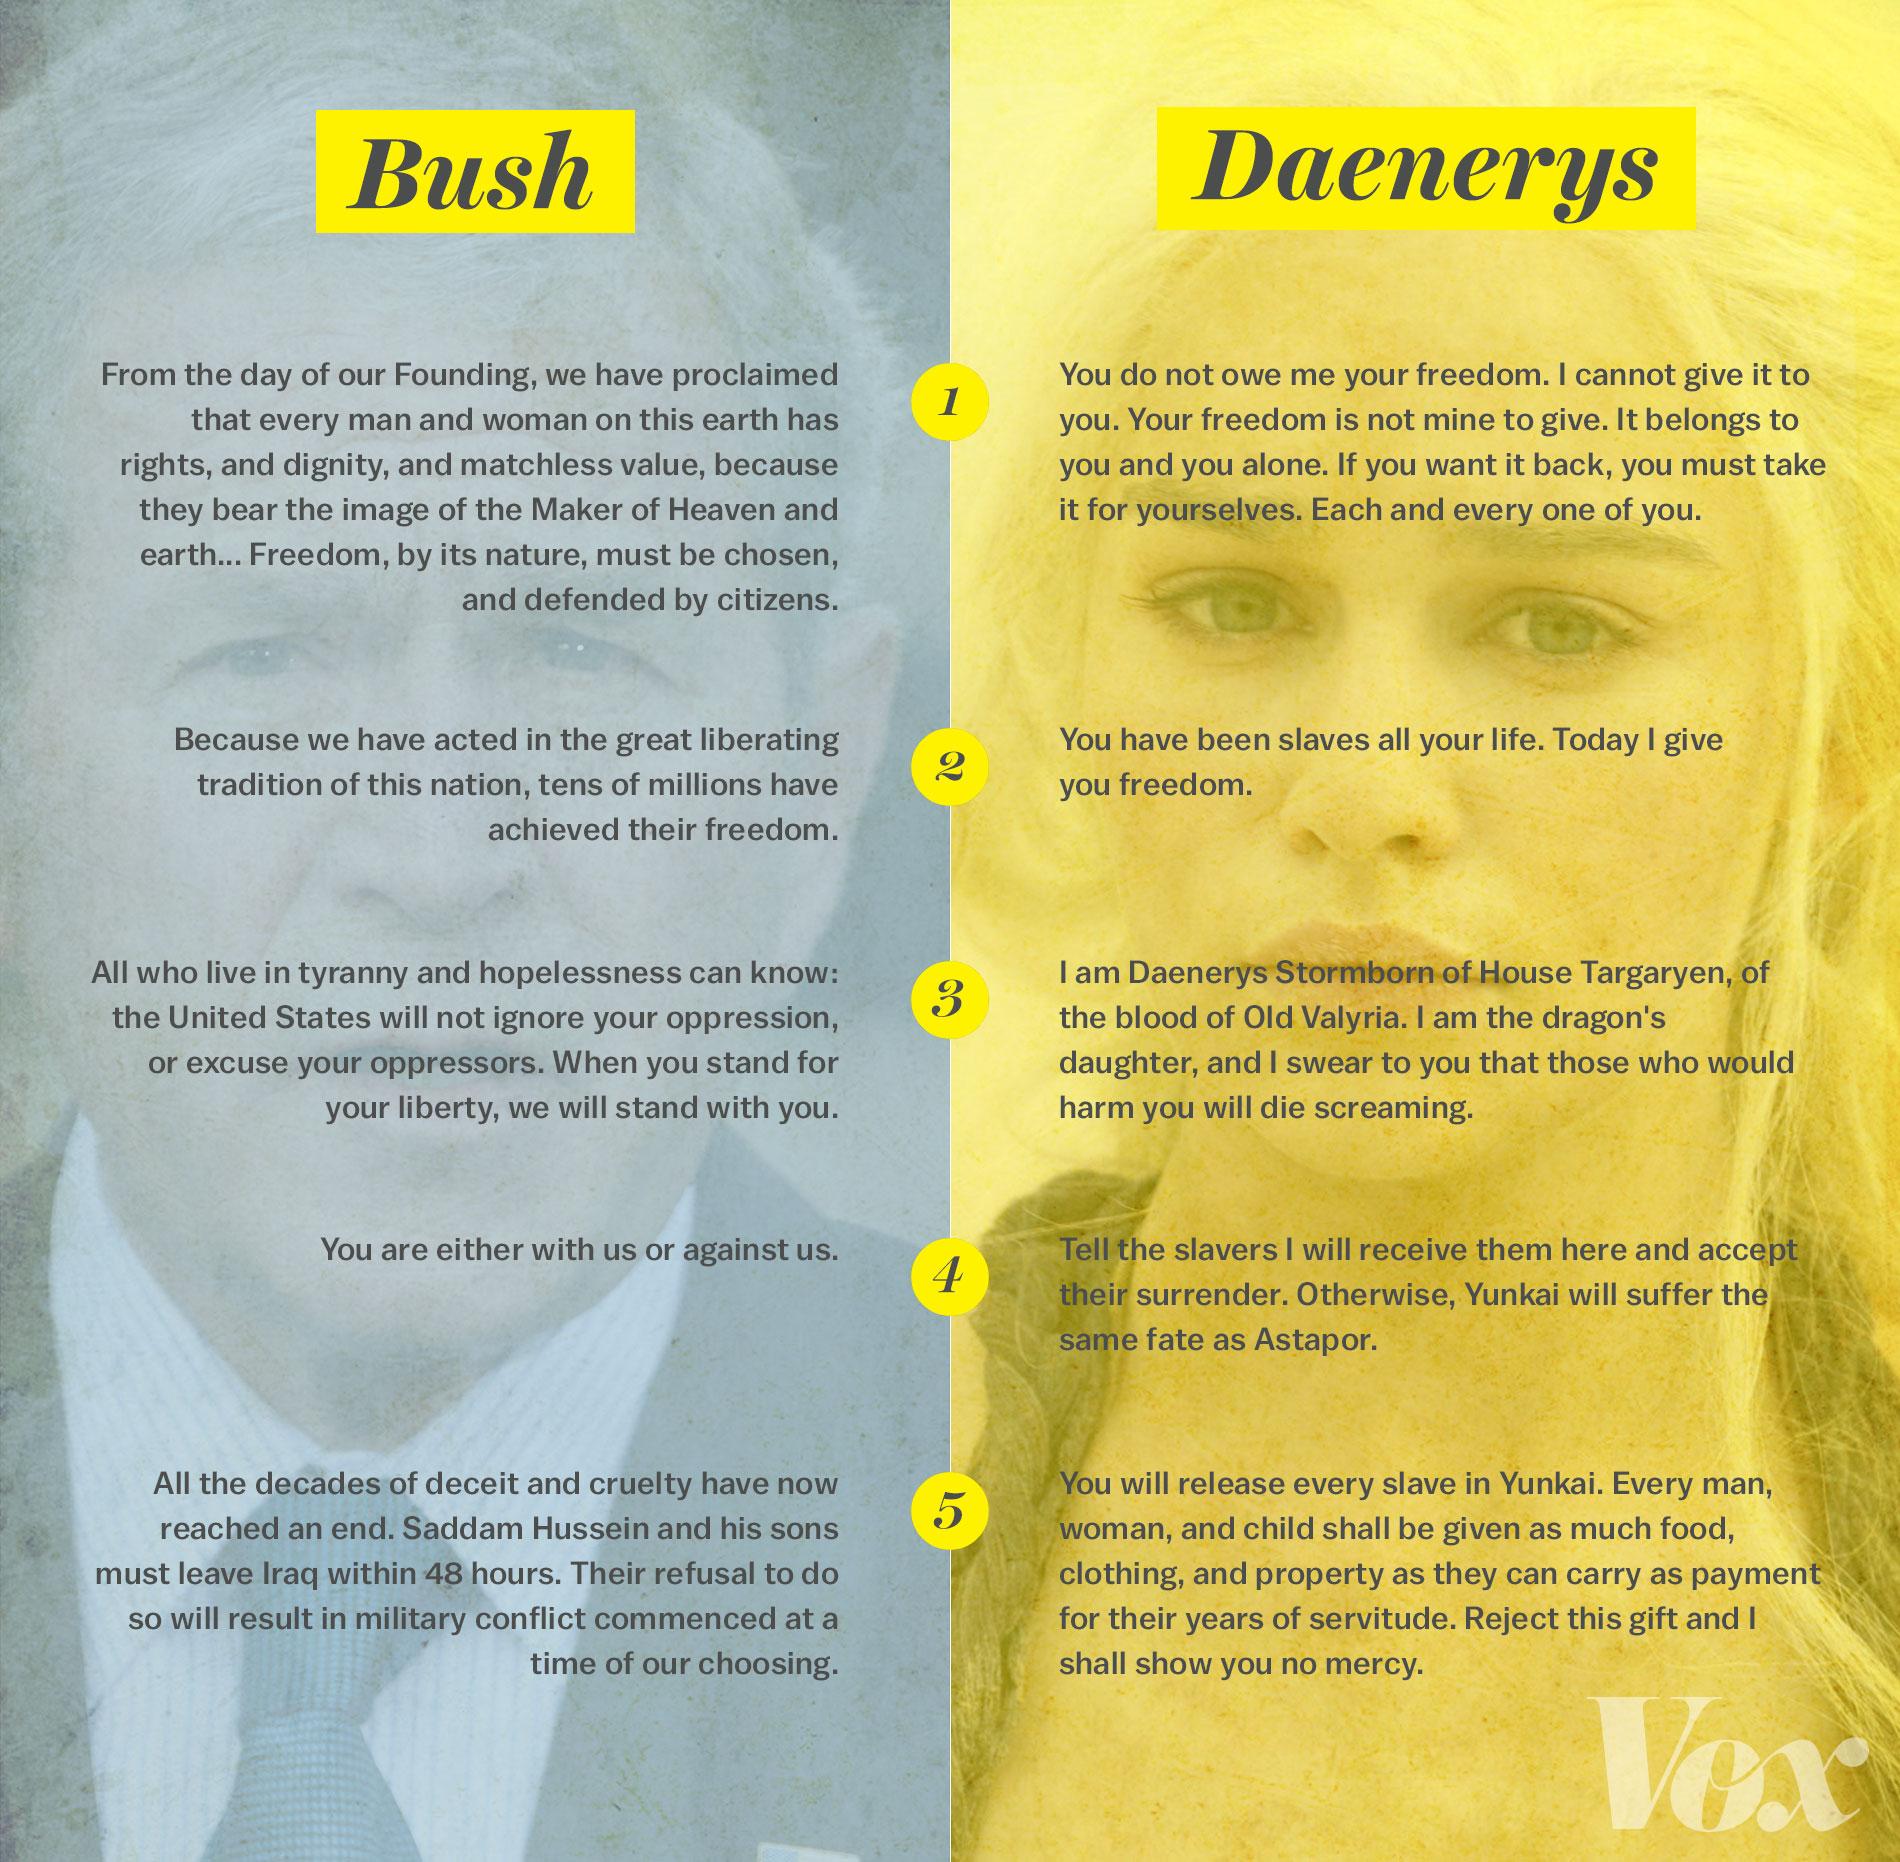 Bush-daenerys